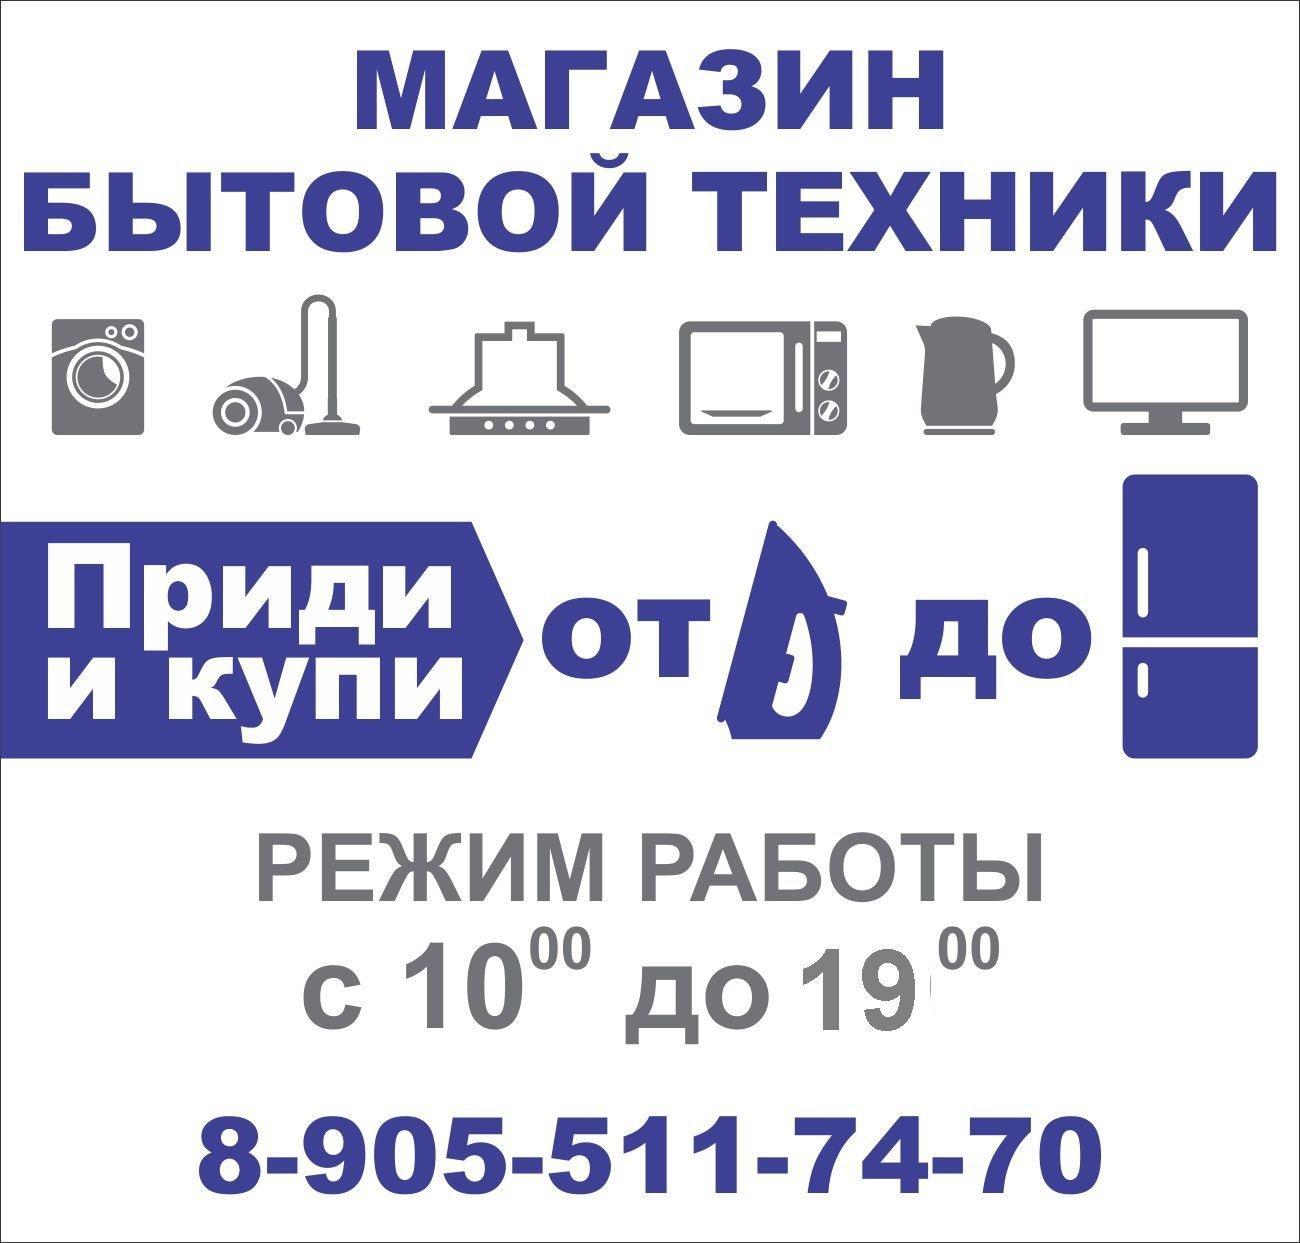 фотография Магазина бытовой техники Приди и купи на Октябрьском проспекте в Троицке